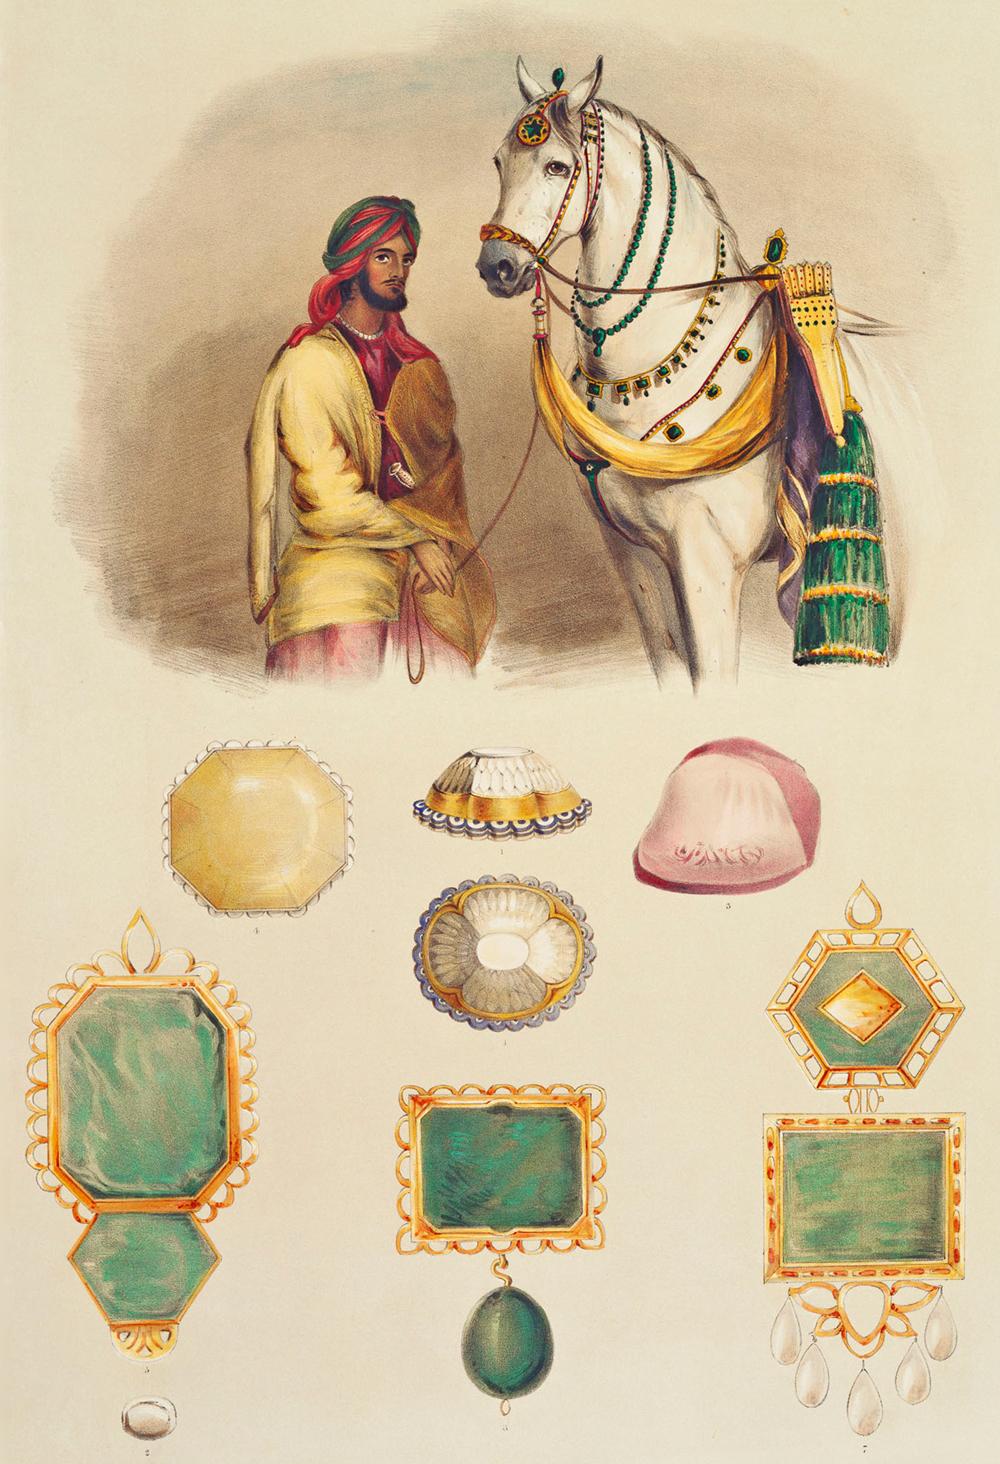 Le maharaja du Pendjab, Ranit Singh et ses joyaux. Le Koh-I-Noor se trouve au centre| Crédits photo : Eden, Emily / Public domain